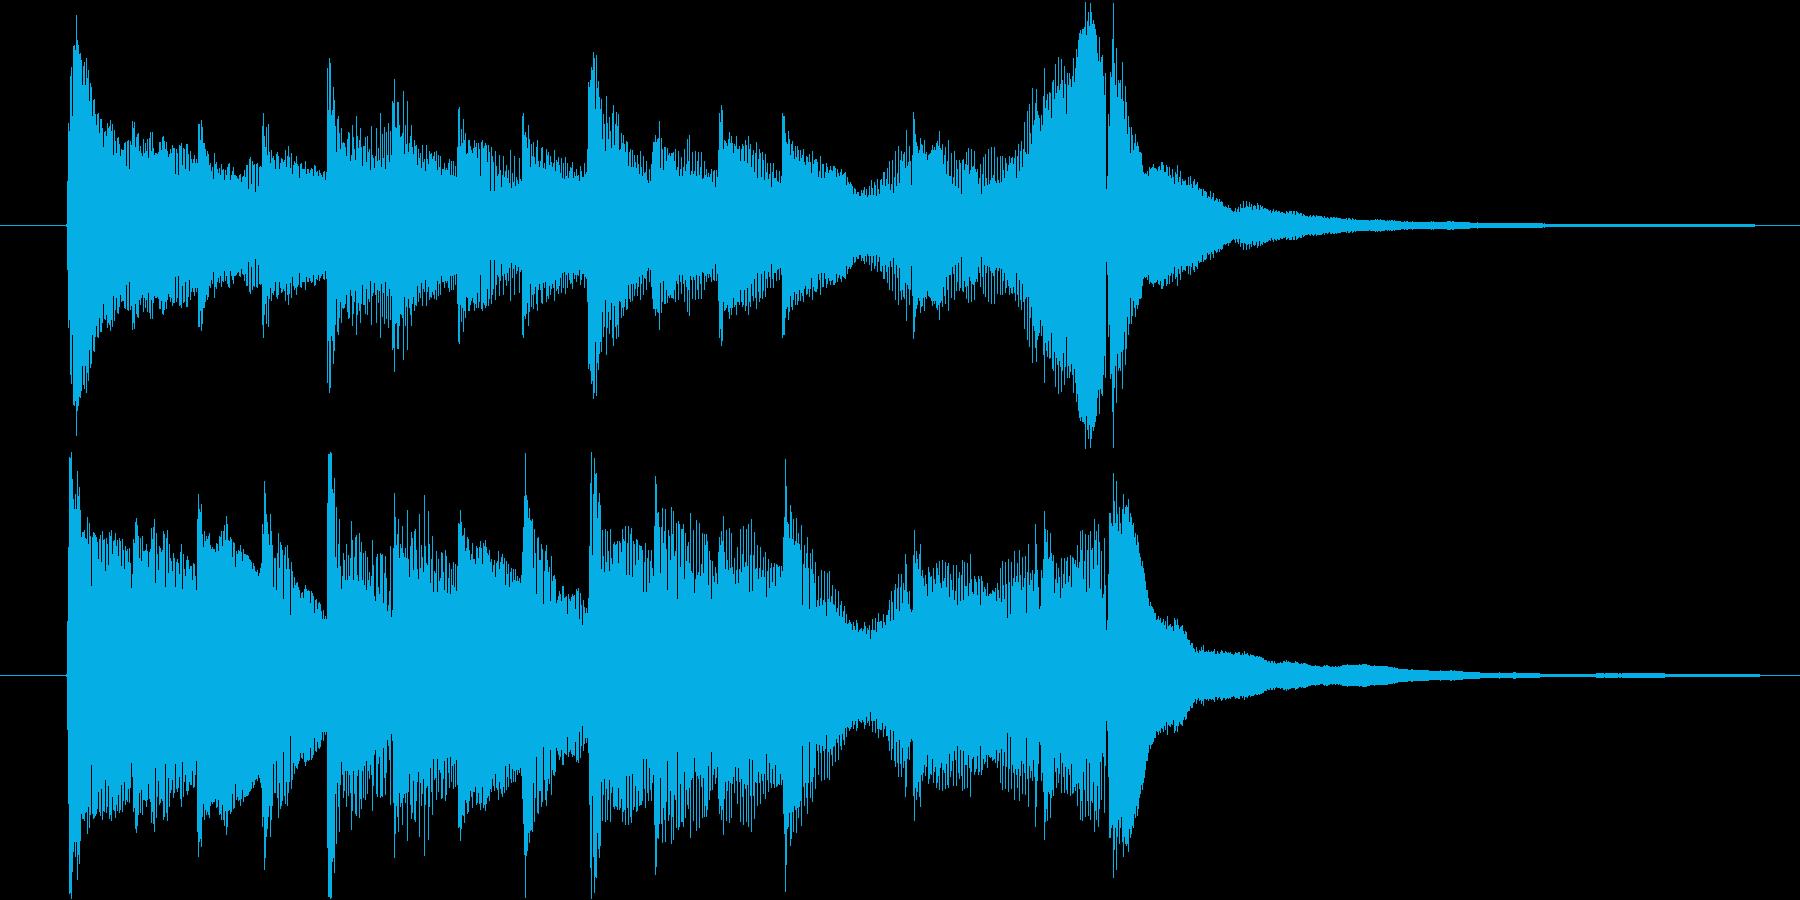 アコギとピアノで奏でるジングル#2の再生済みの波形